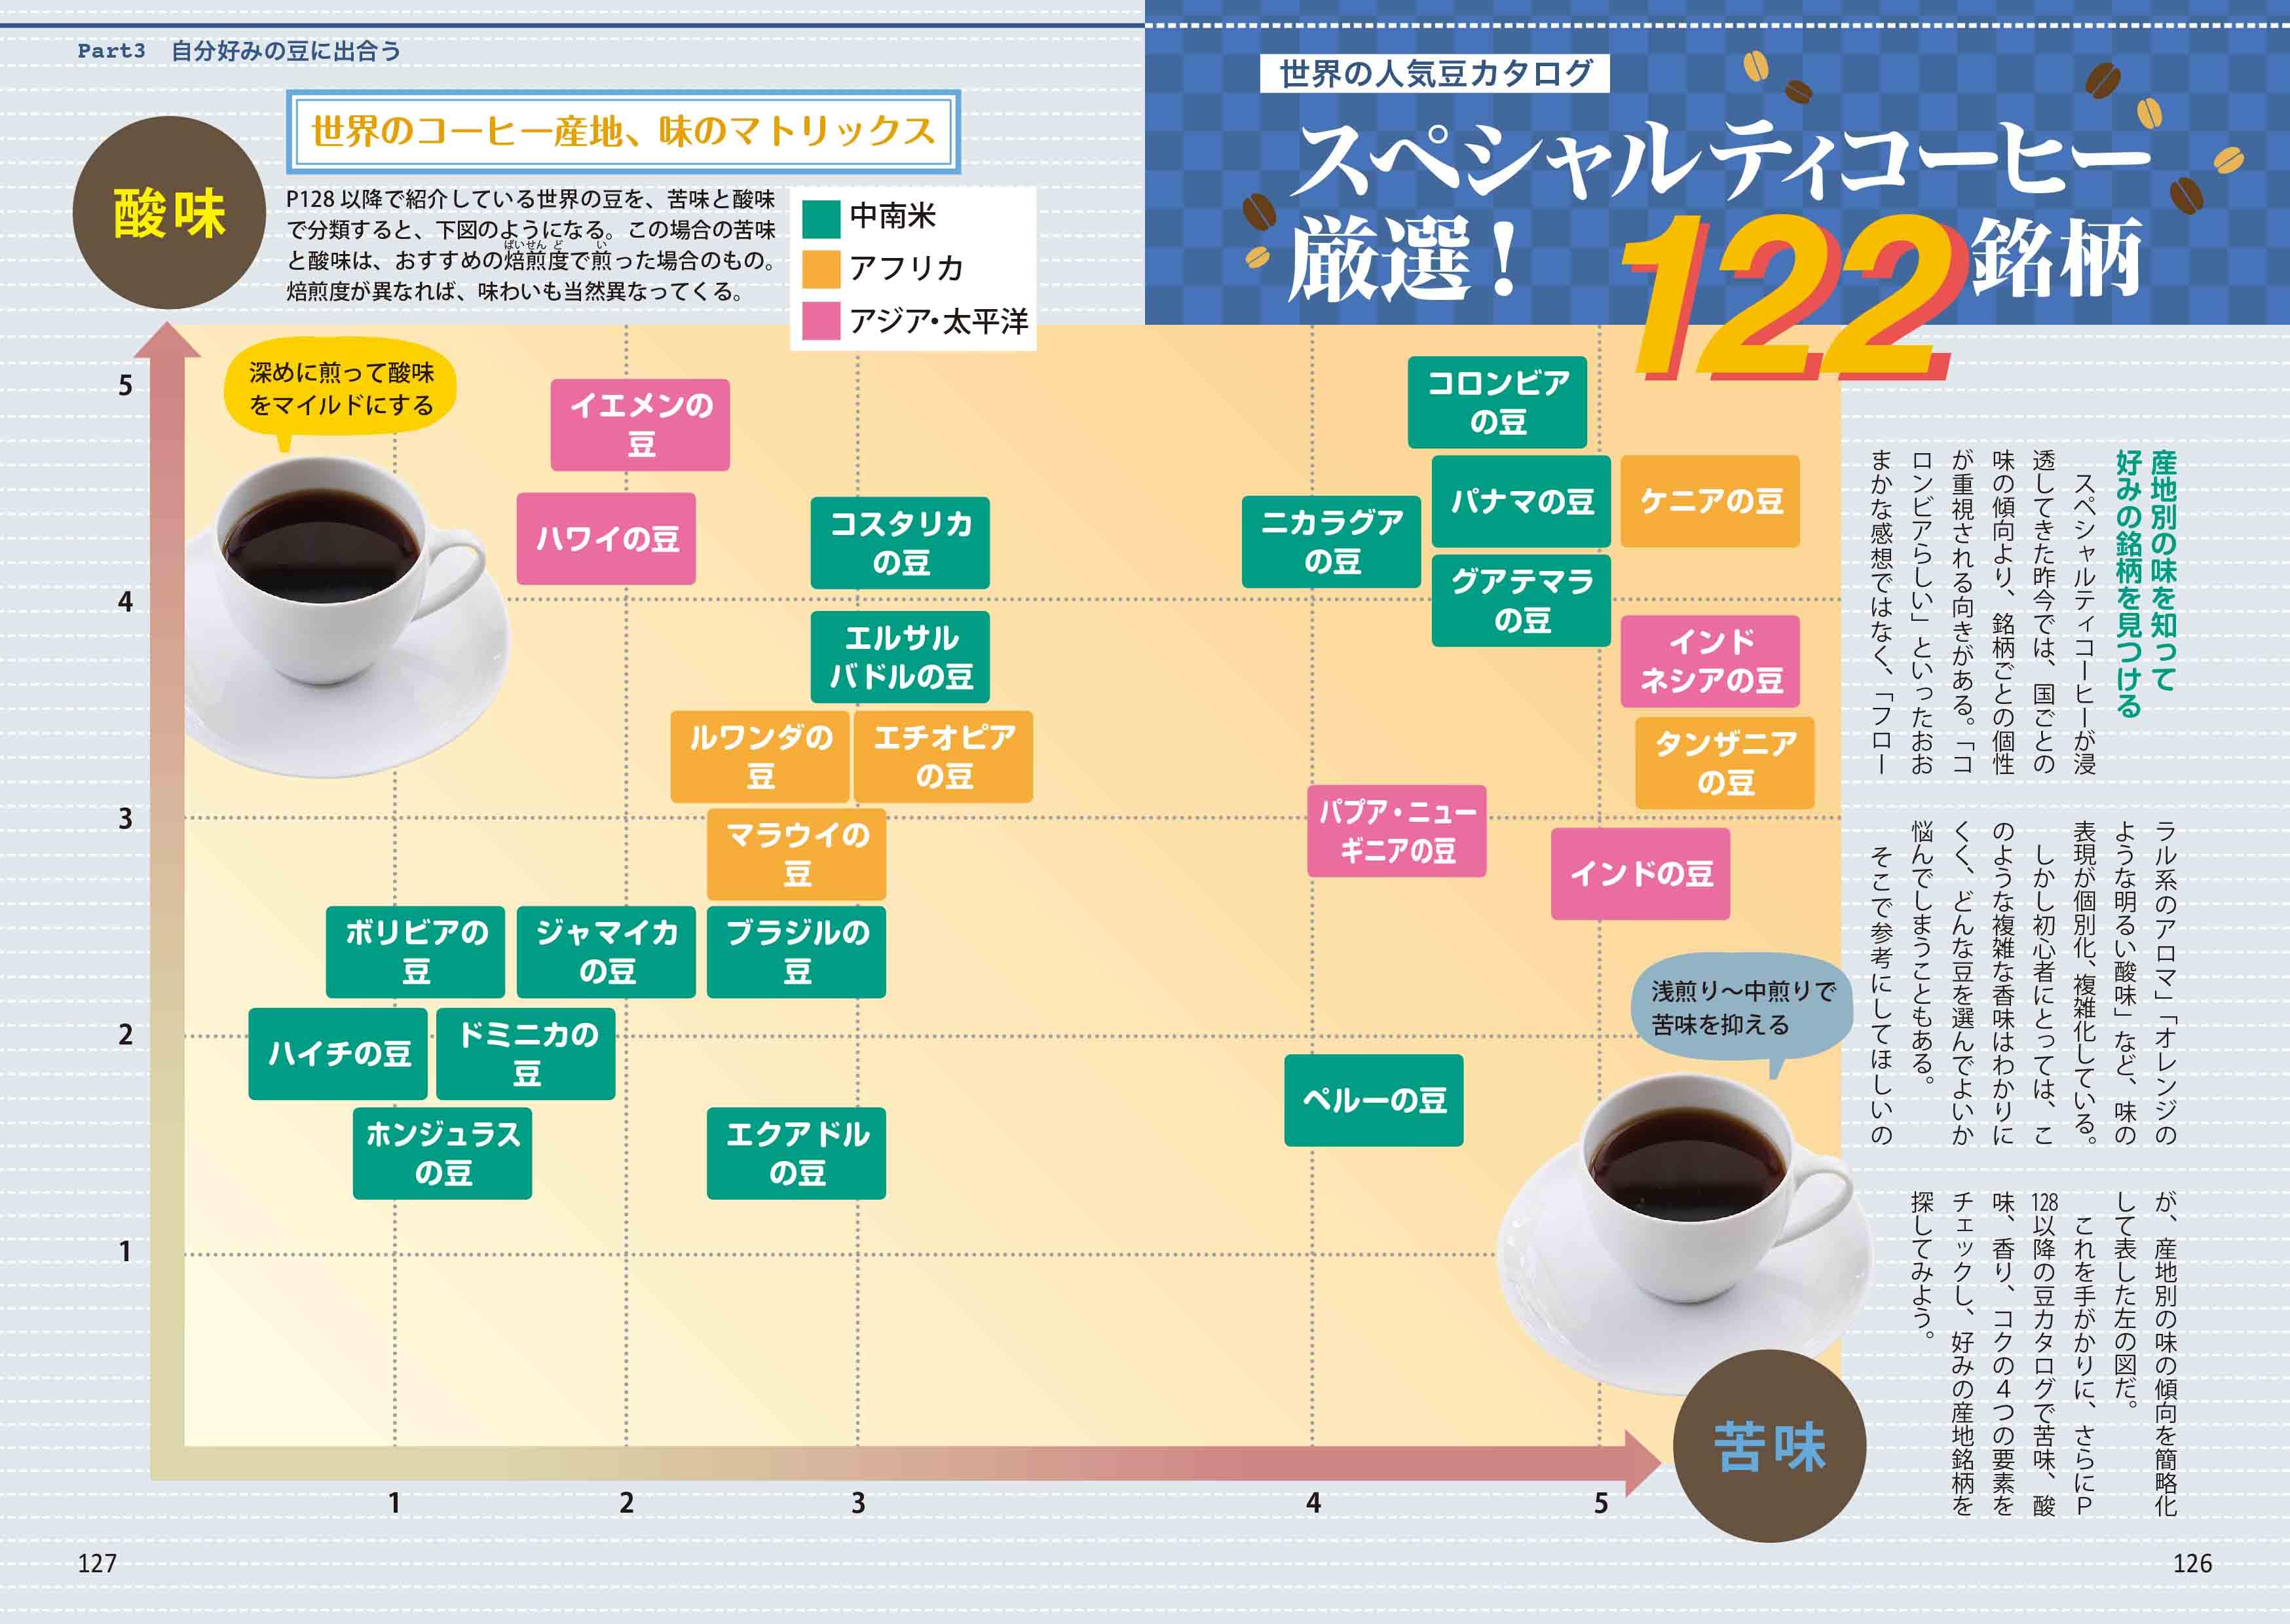 「スペシャルティコーヒー厳選 122銘柄」紙面